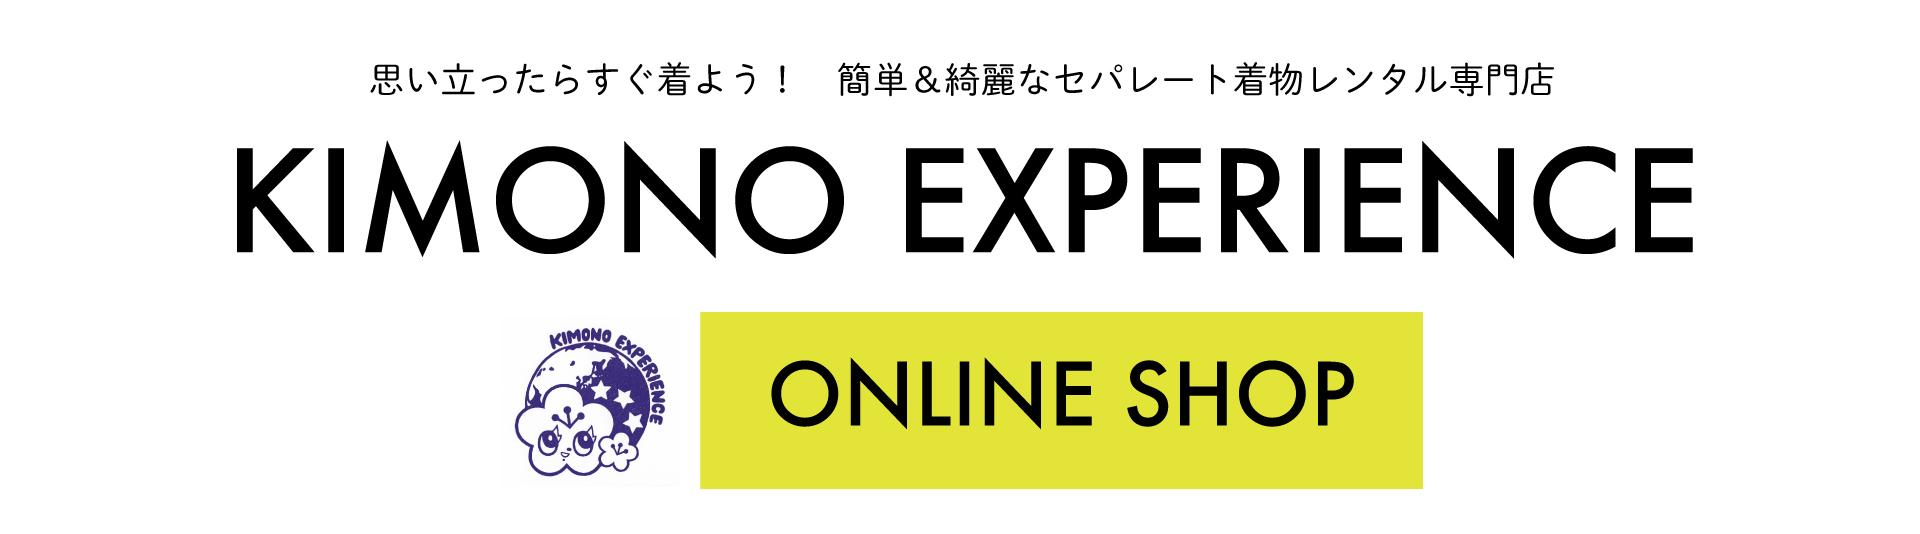 キモノエクスペリエンスONLINE SHOP|セパレート着物のレンタル専門店